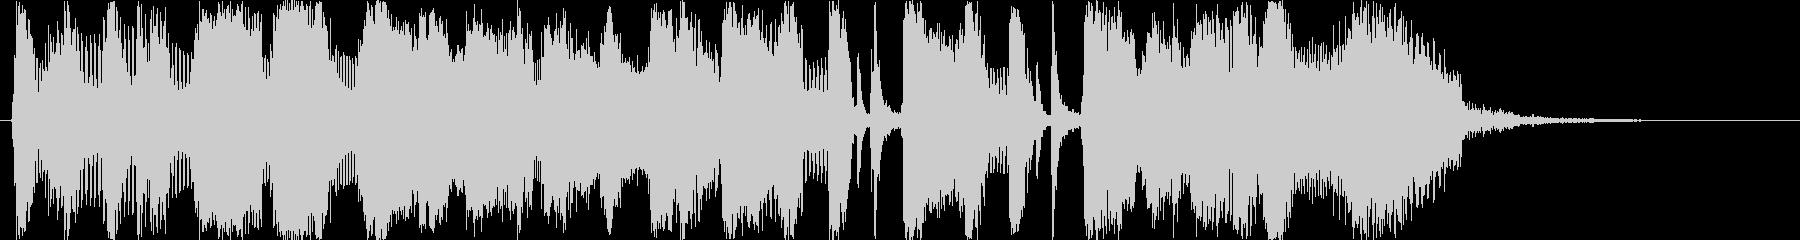 ビッグバンドジャズ15秒CMの未再生の波形